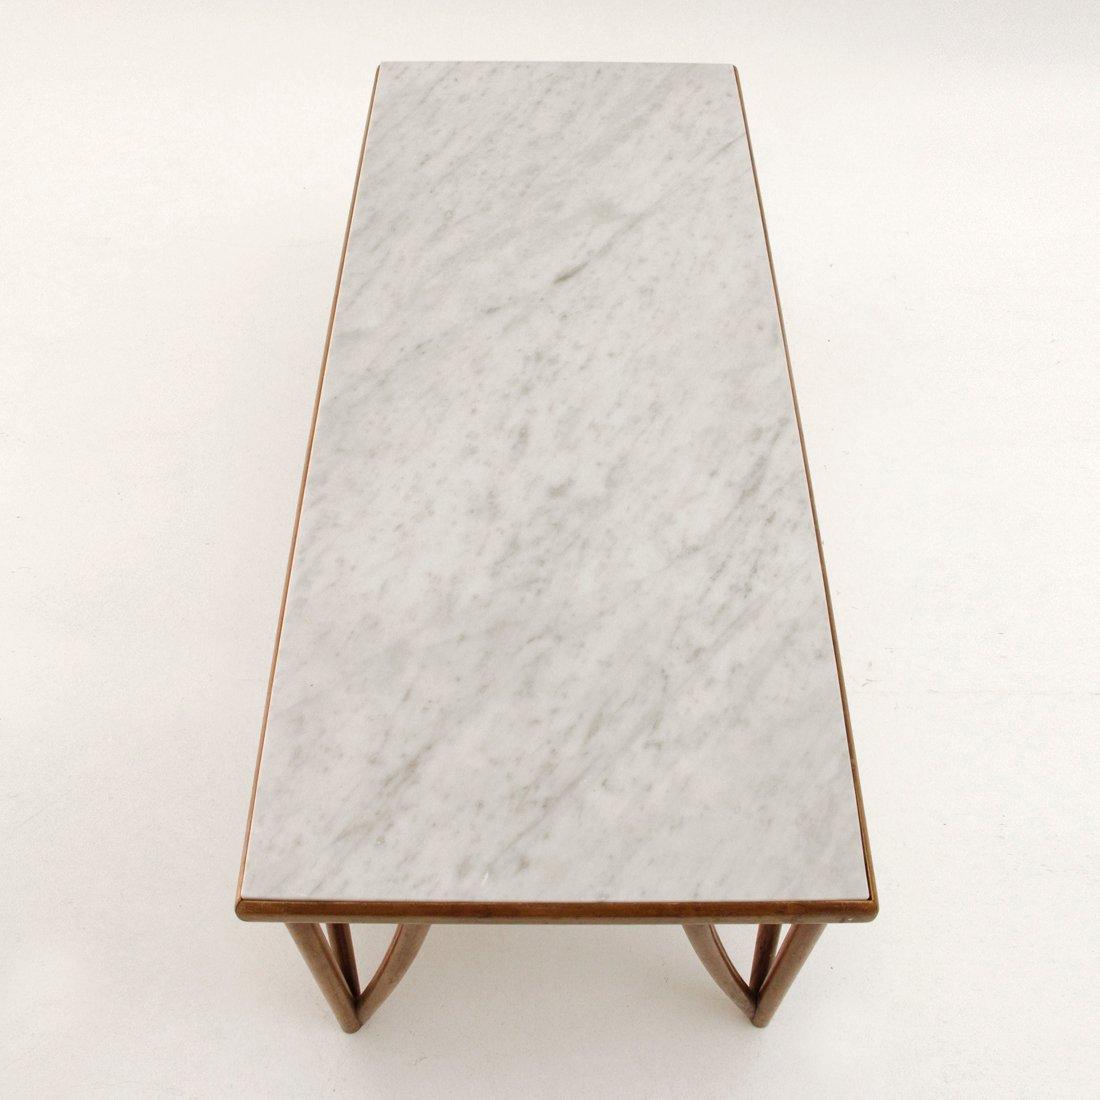 Table basse mid century avec plateau en marbre italie 1960s en vente sur pamono - Table basse plateau marbre ...